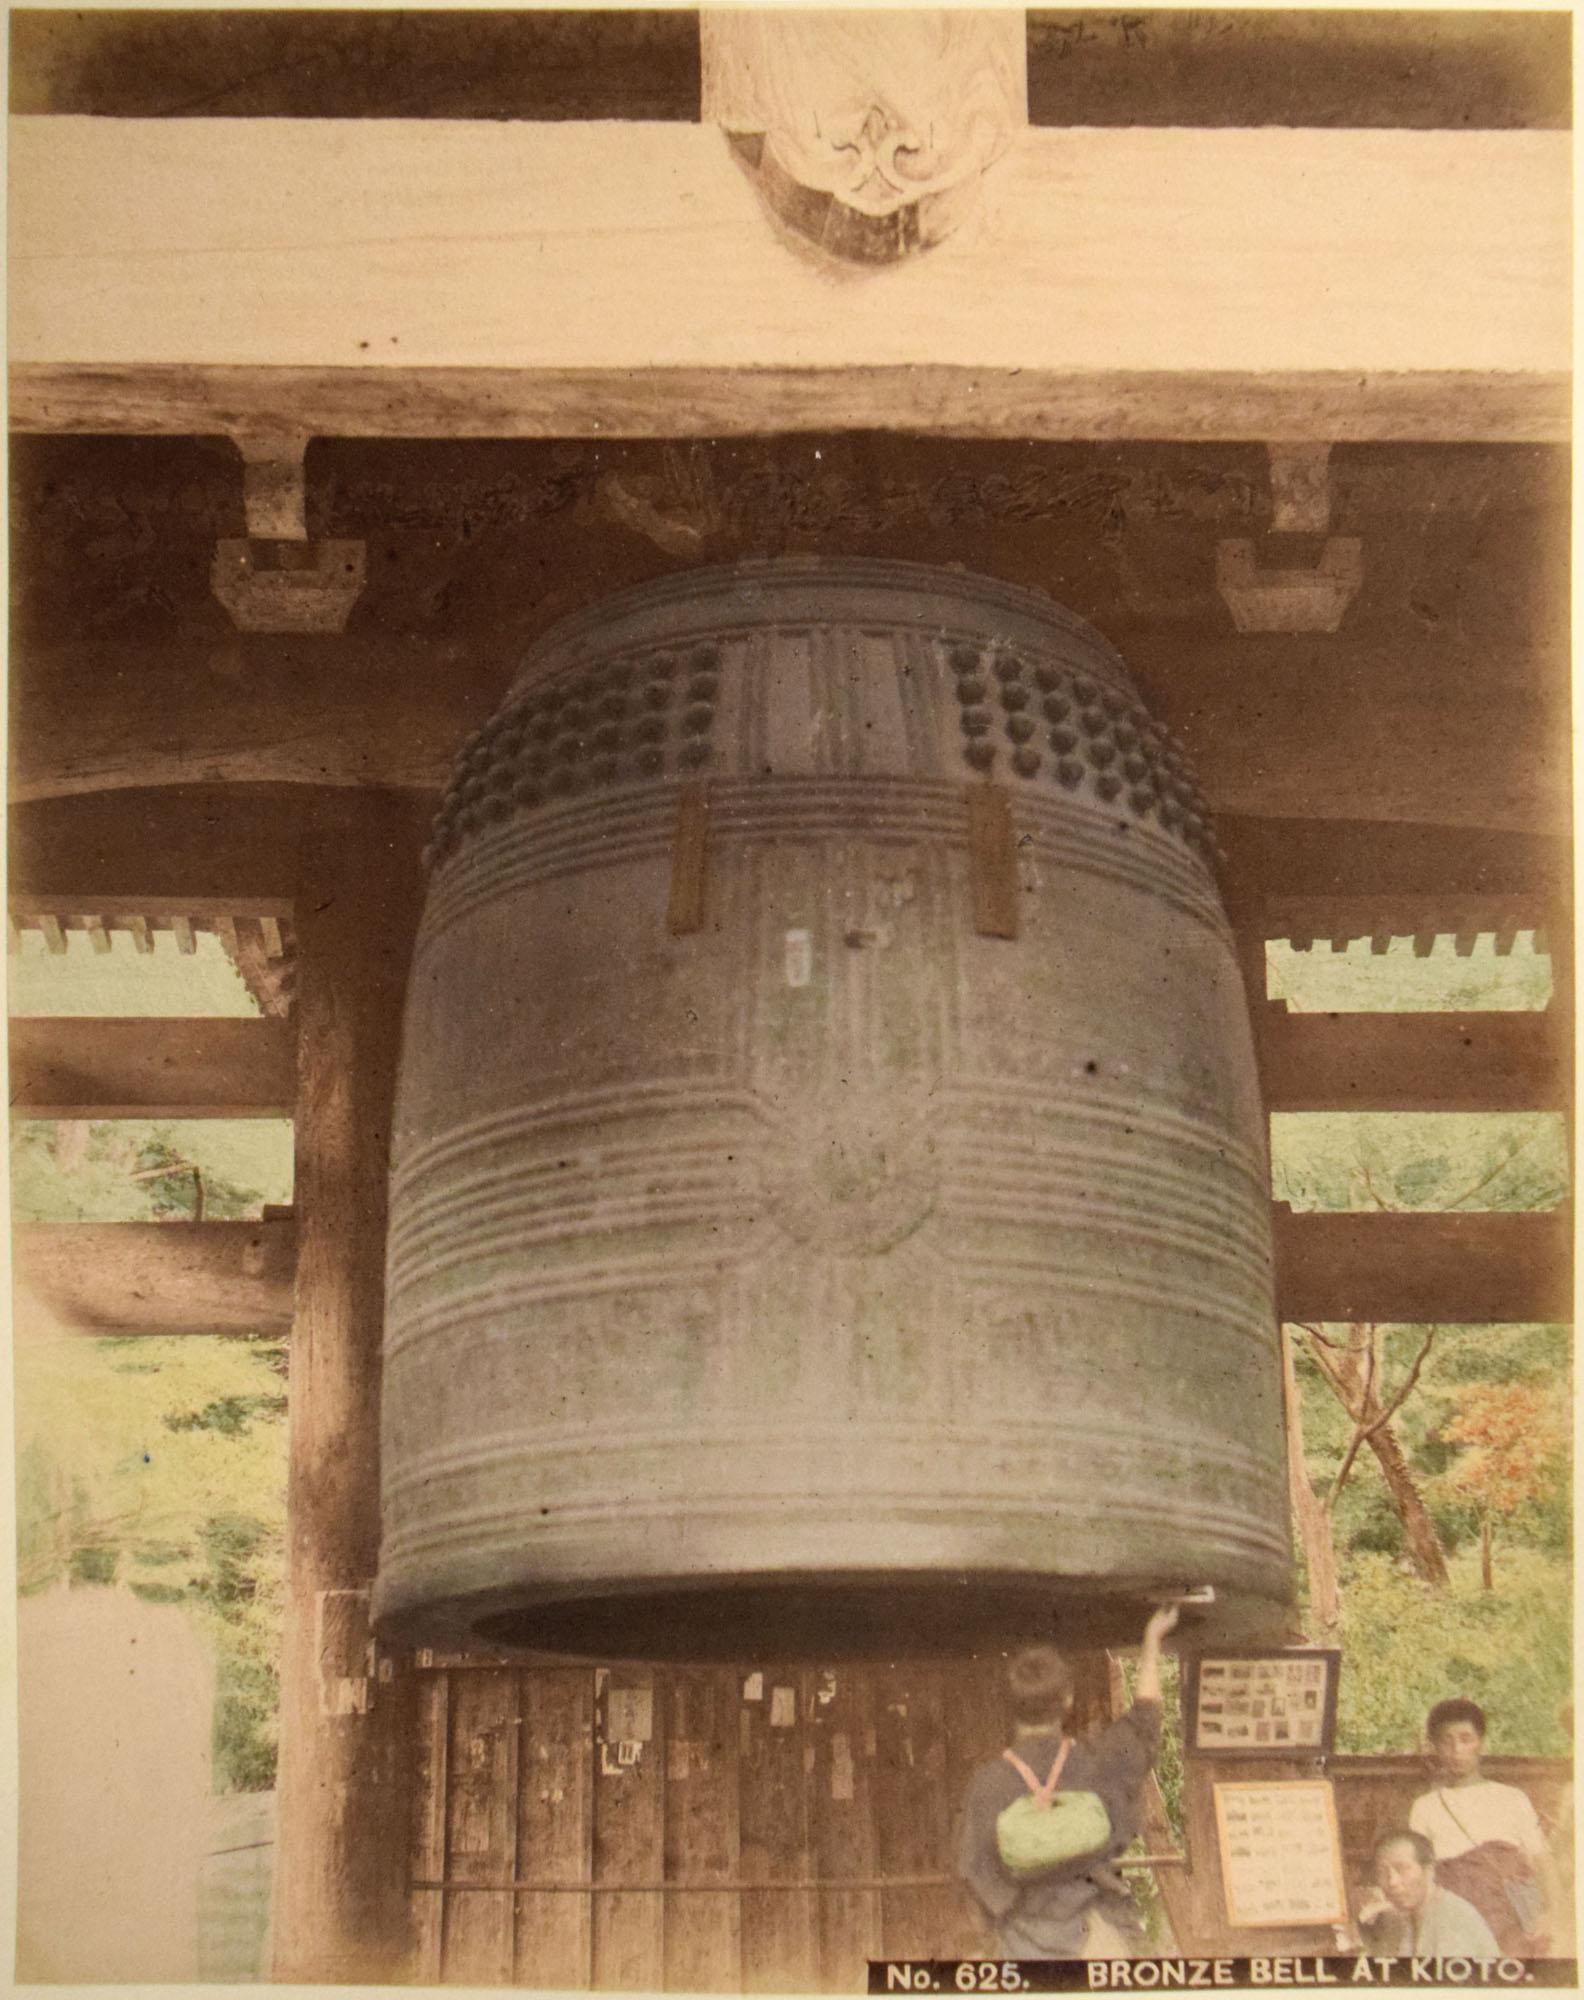 Киото. Бронзовый колокол